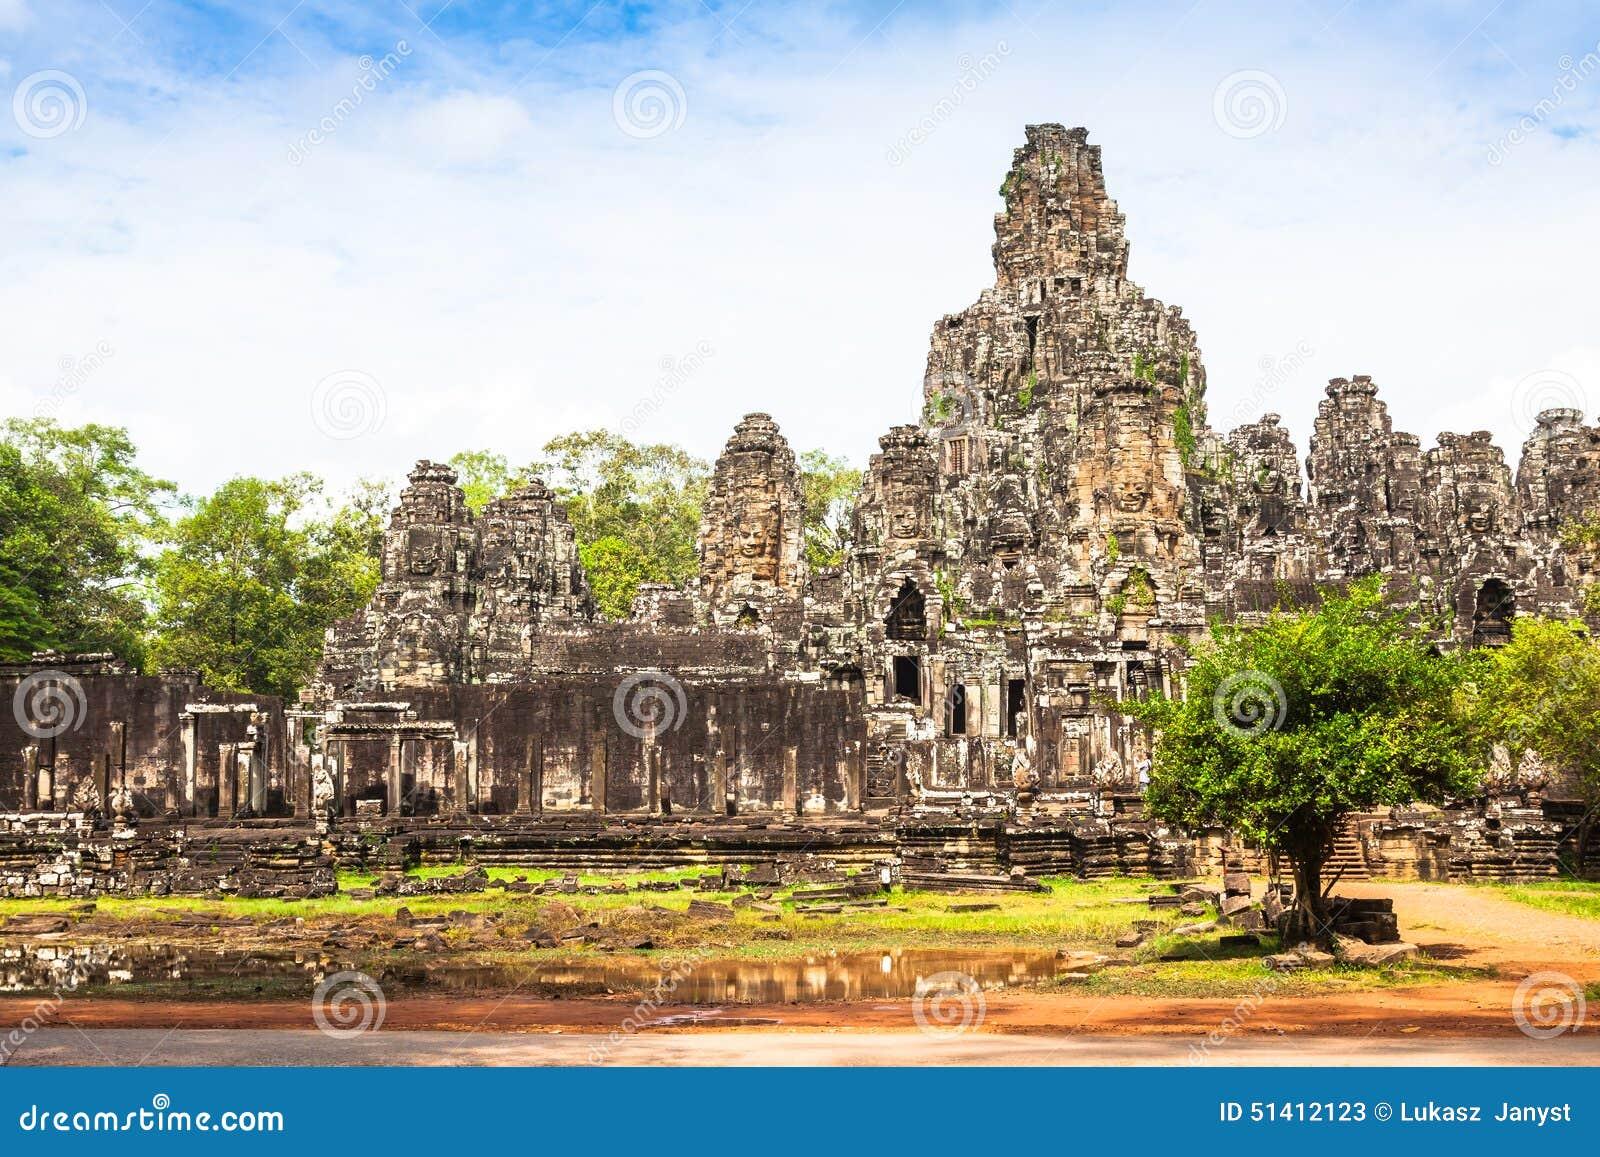 Angkor Thom Cambodja Bayon en khmertempel på den Angkor Wat historicaen